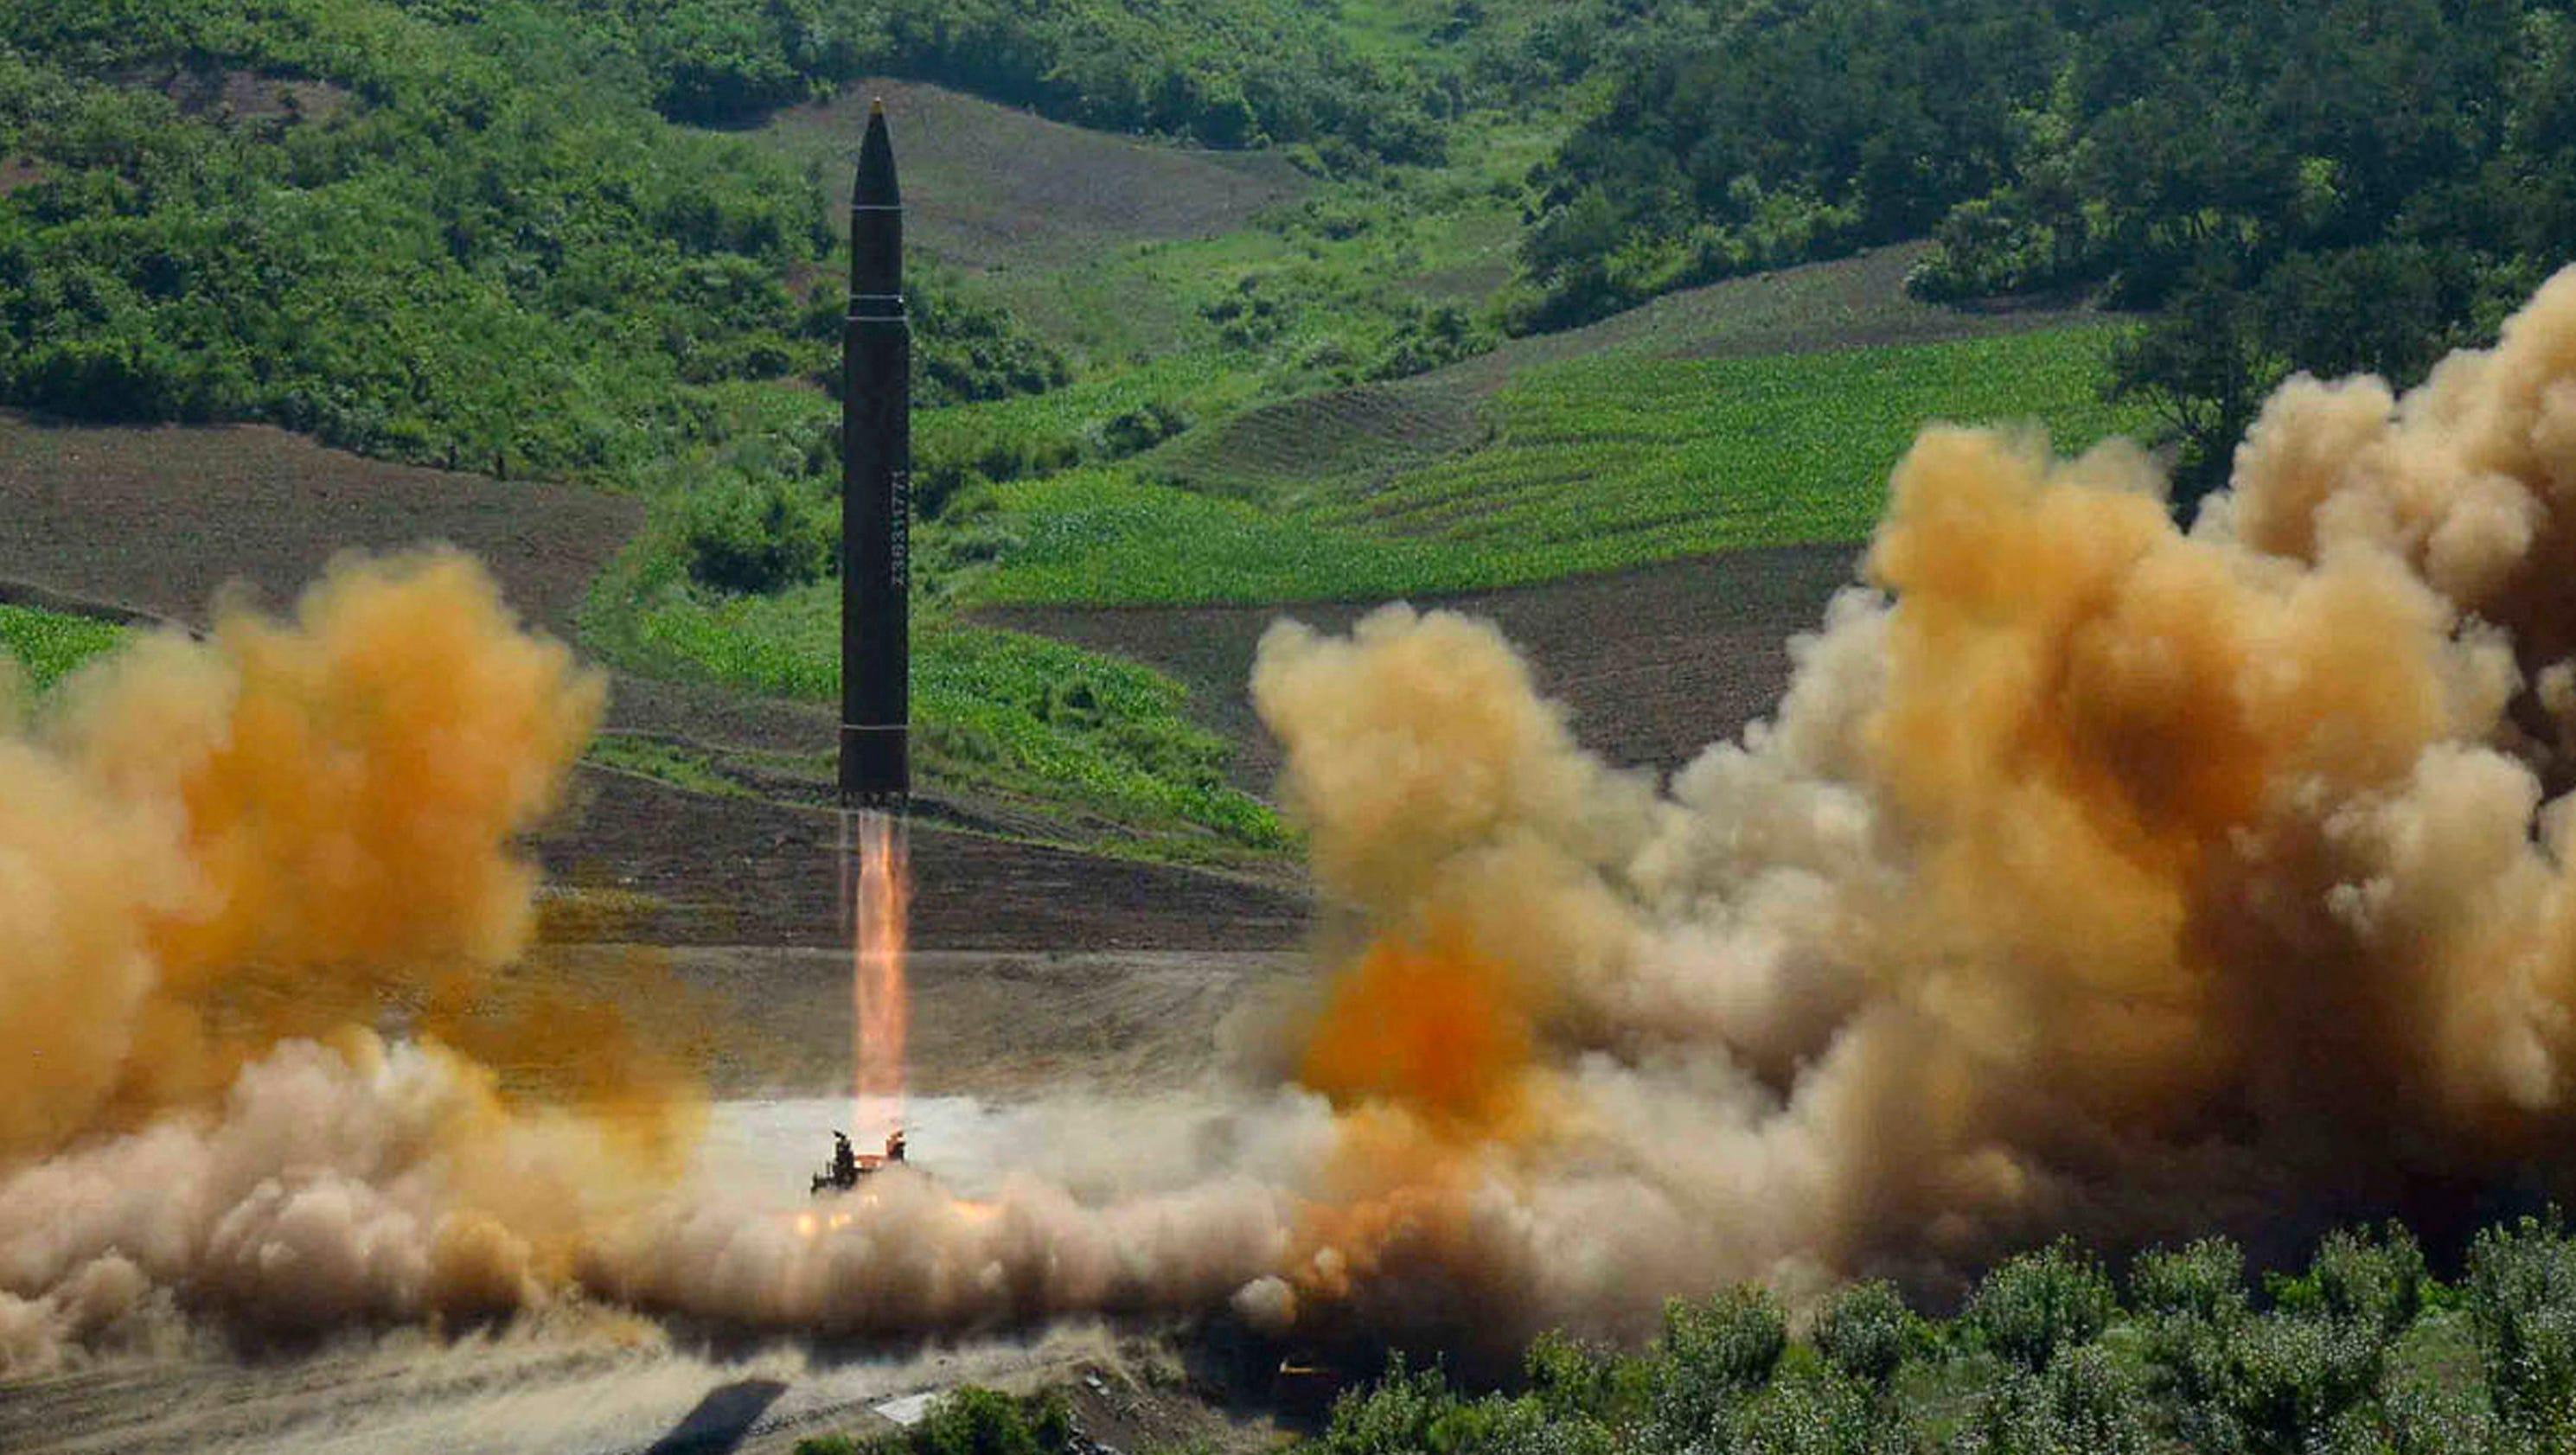 north korea war not imminent trump aides say